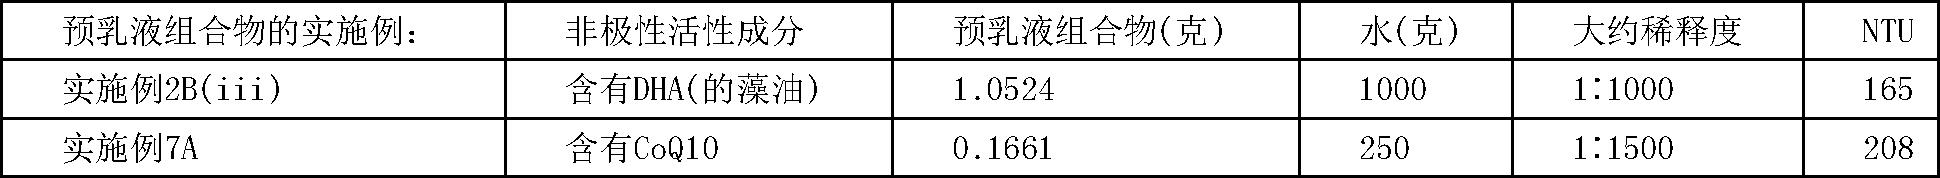 Figure CN102036661BD00941